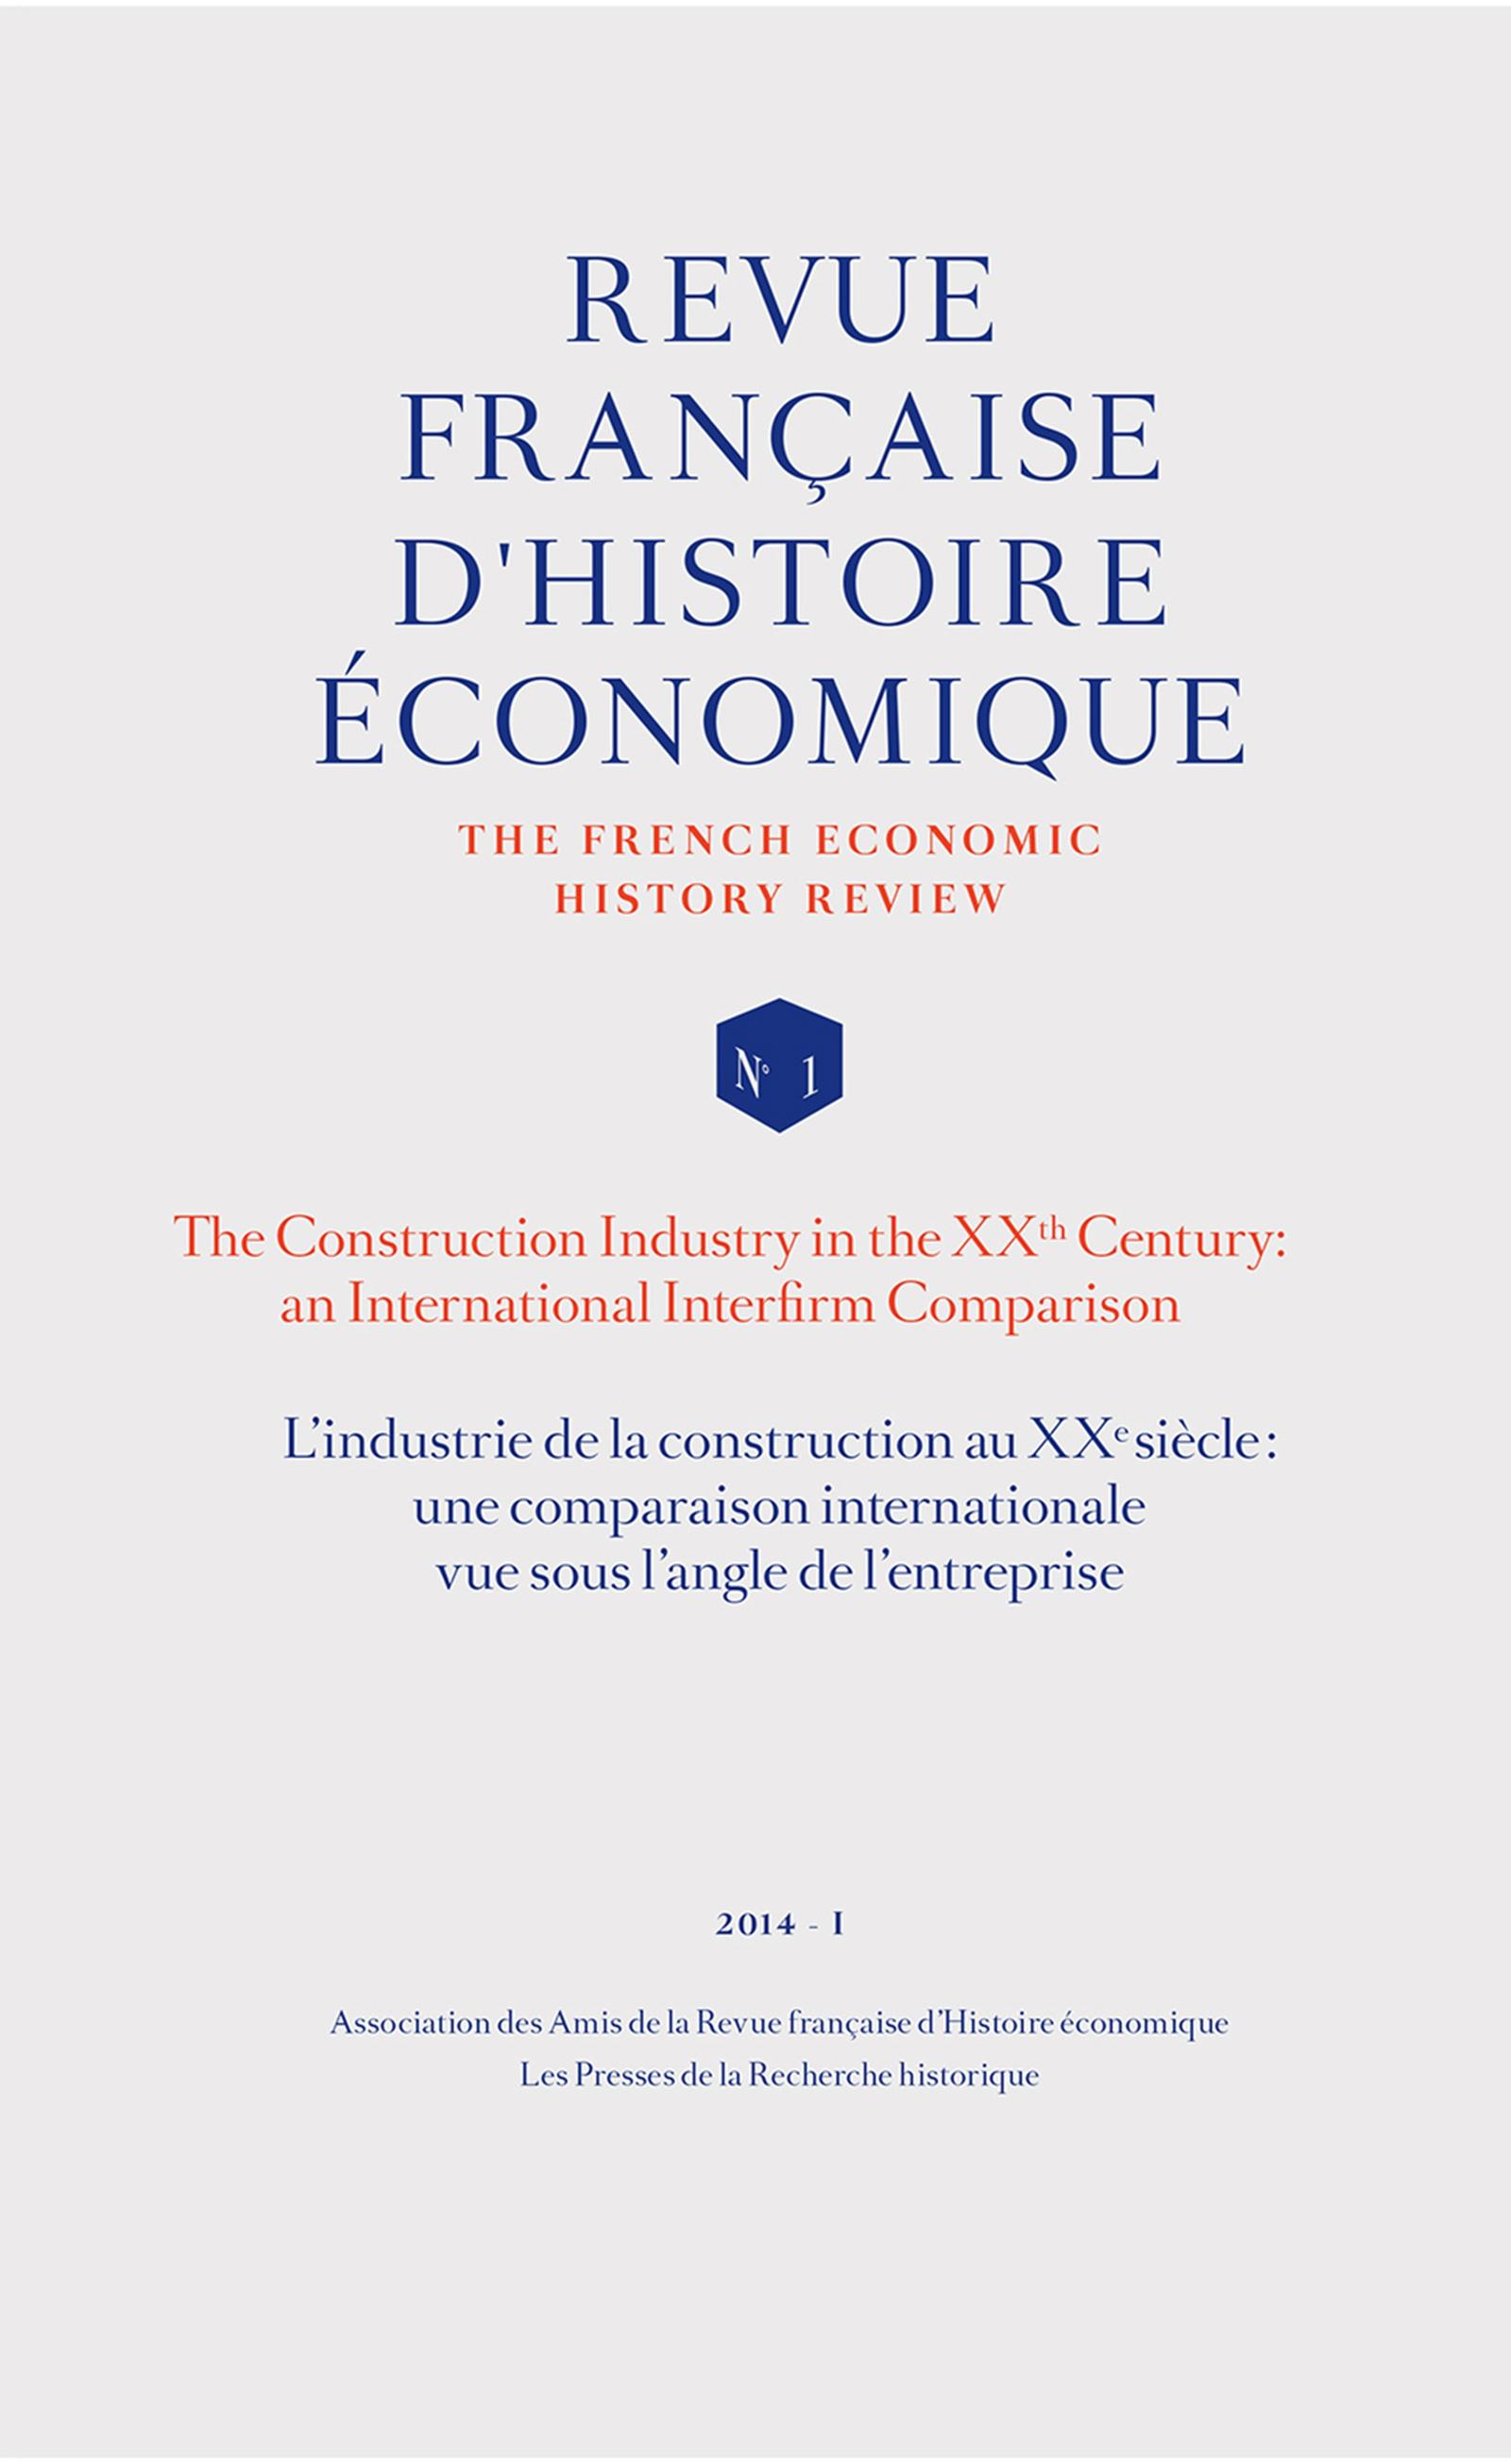 Les origines de la Troisième République en France (1860-1885)